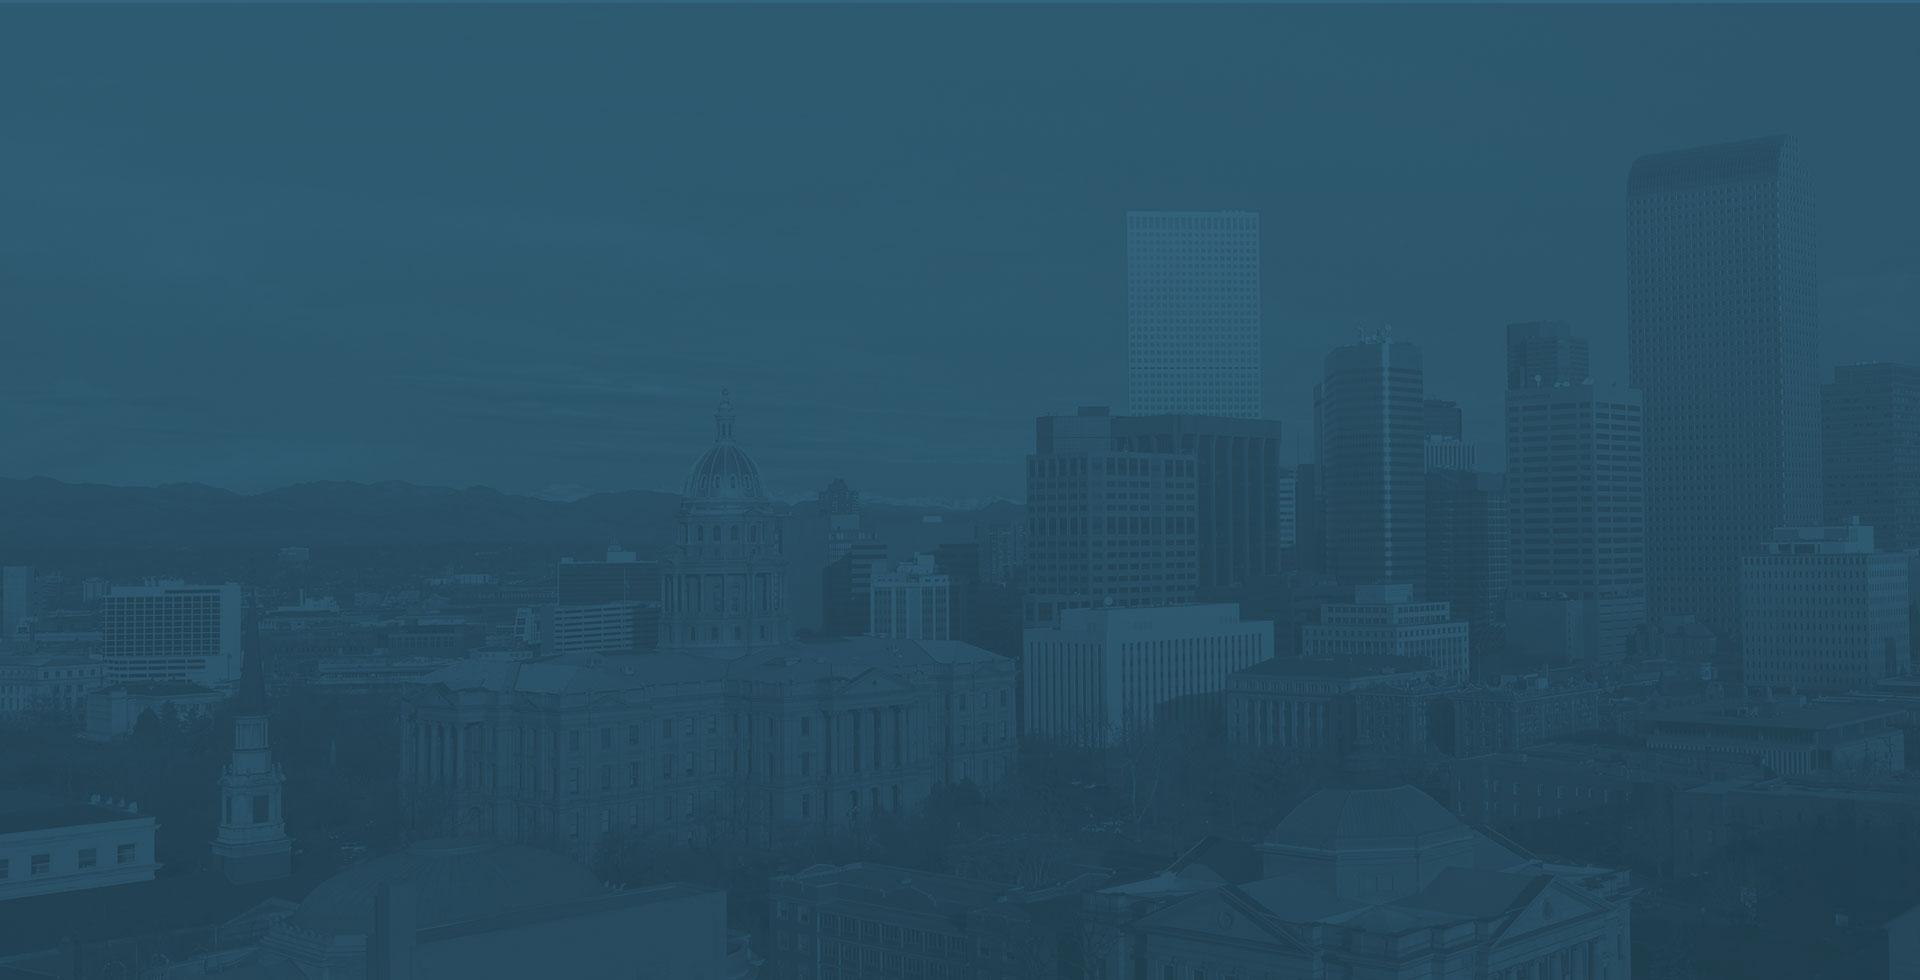 BG UCPix4D Denver Blue